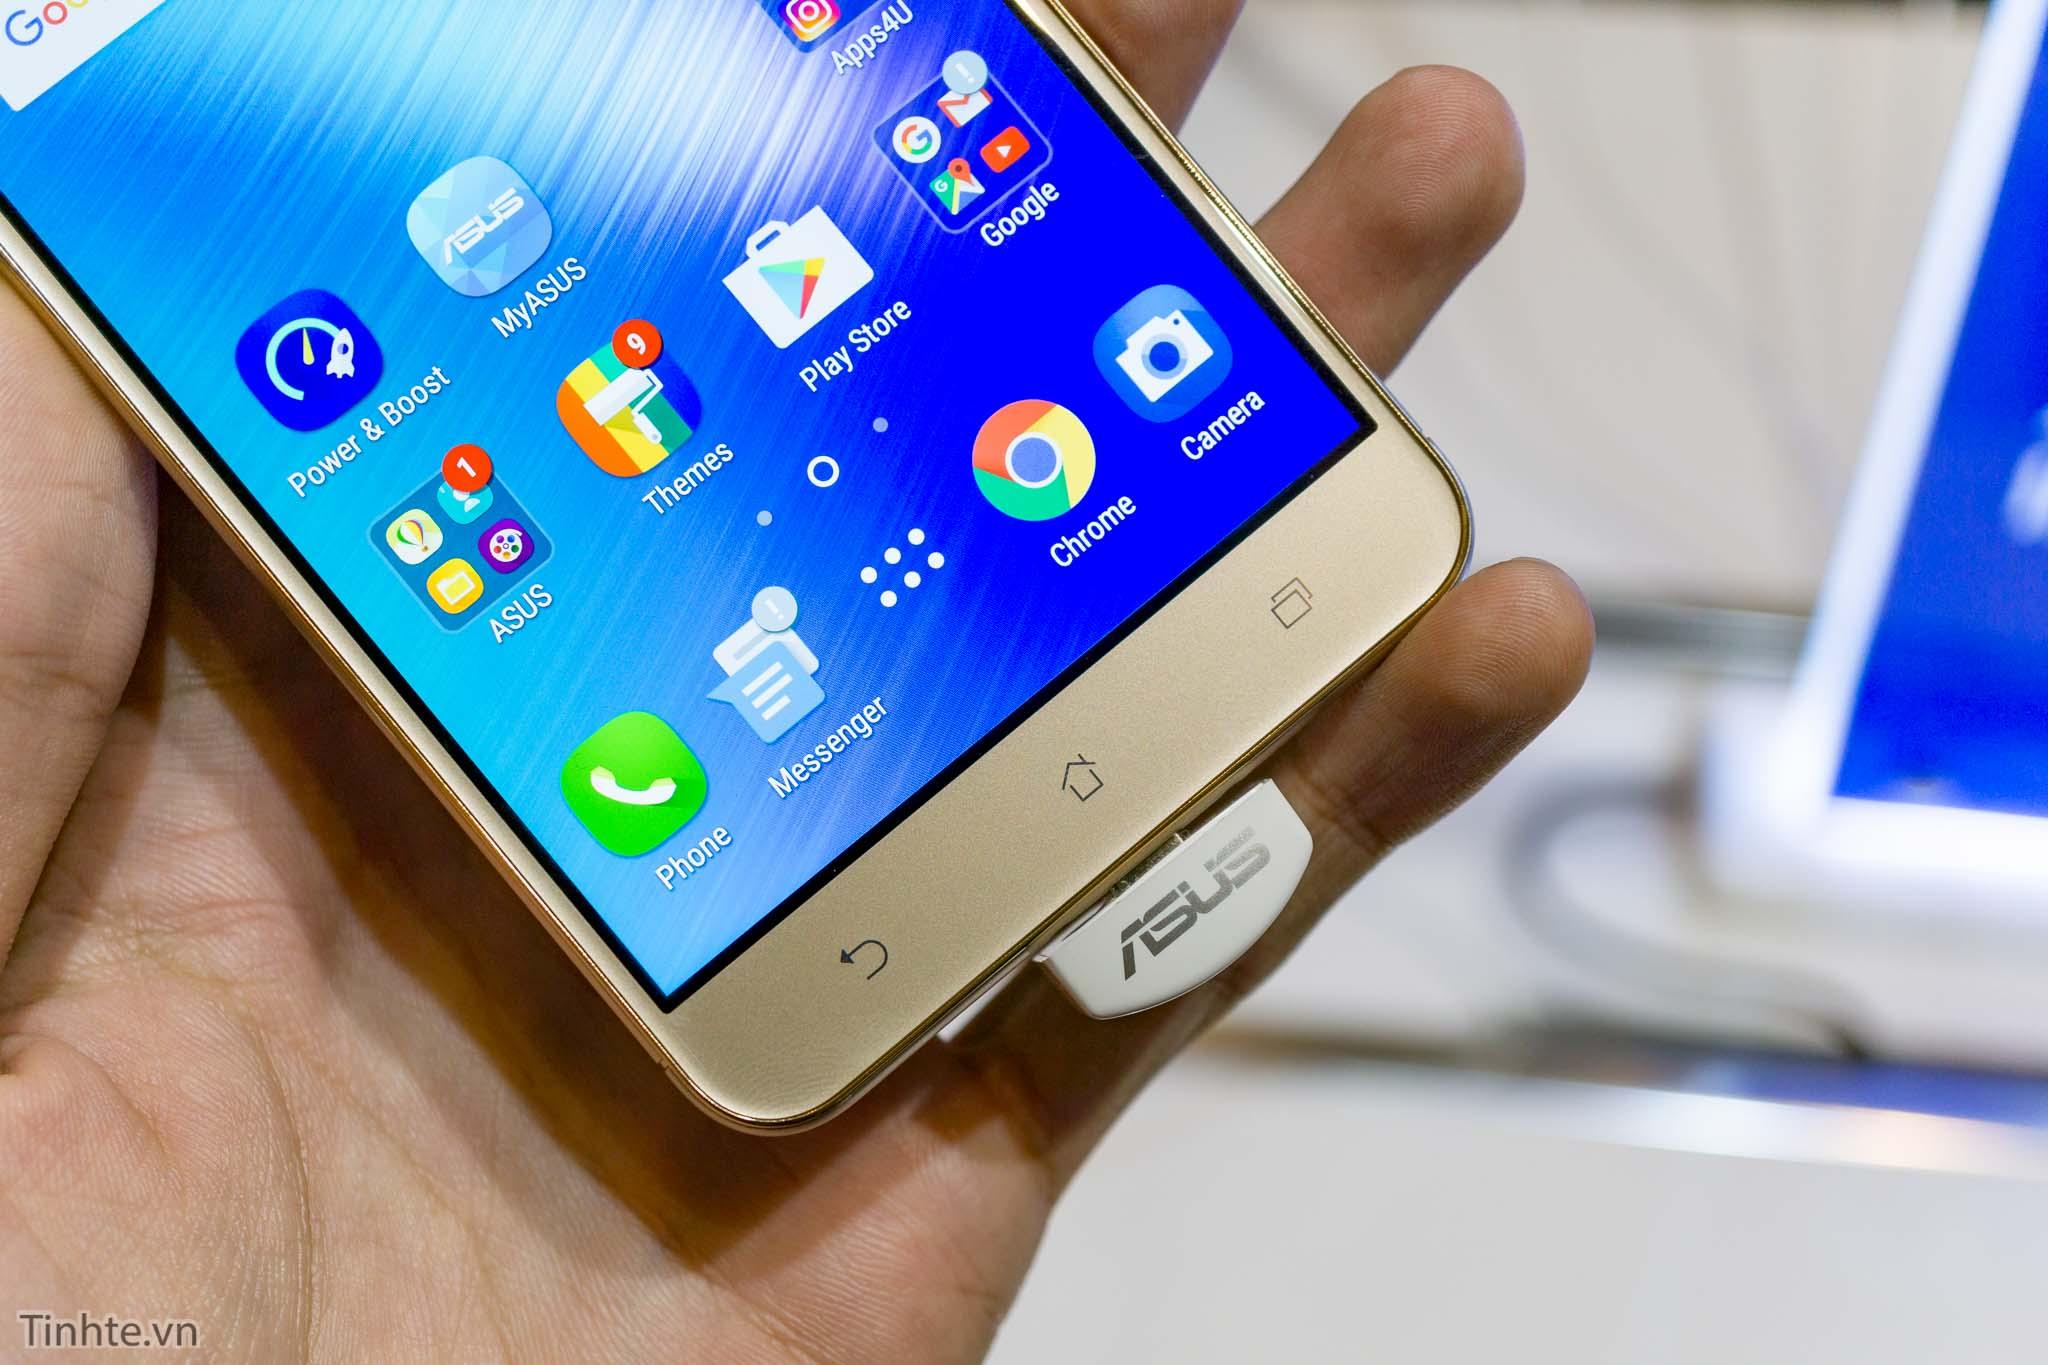 Harga Asus Zenfone Android